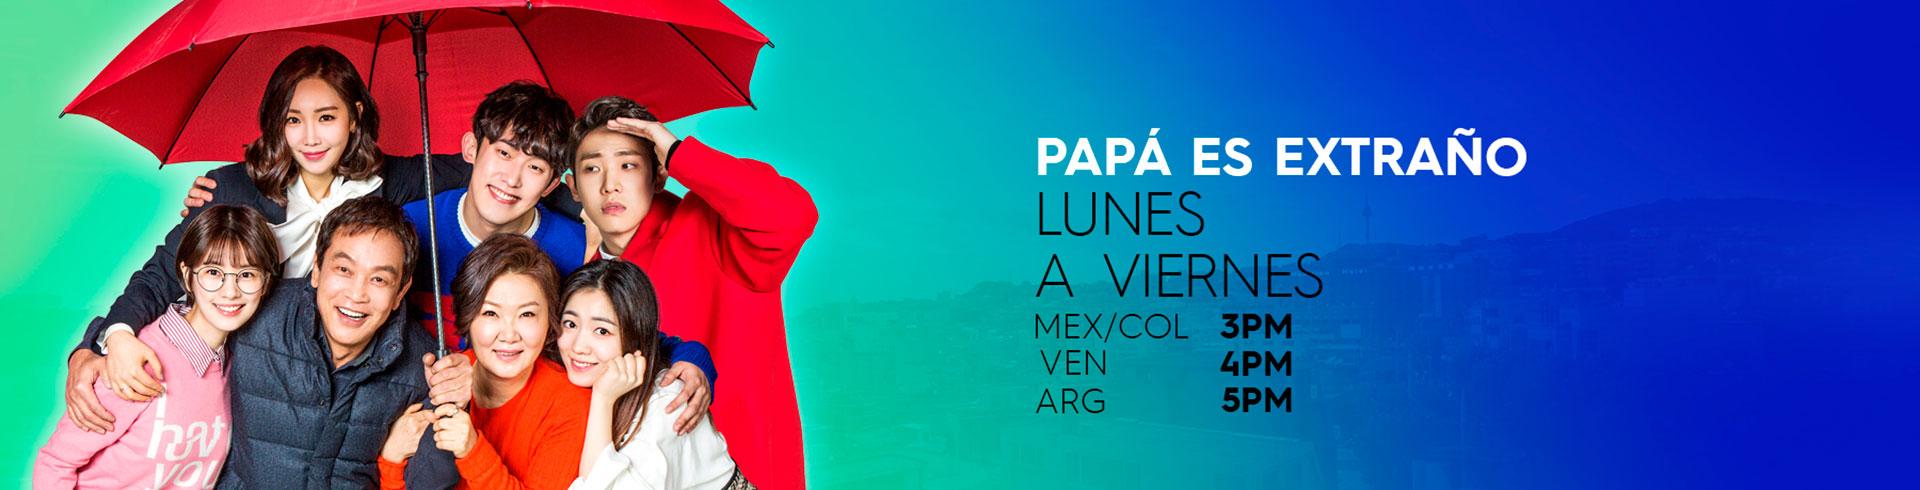 papa-extrano-banner